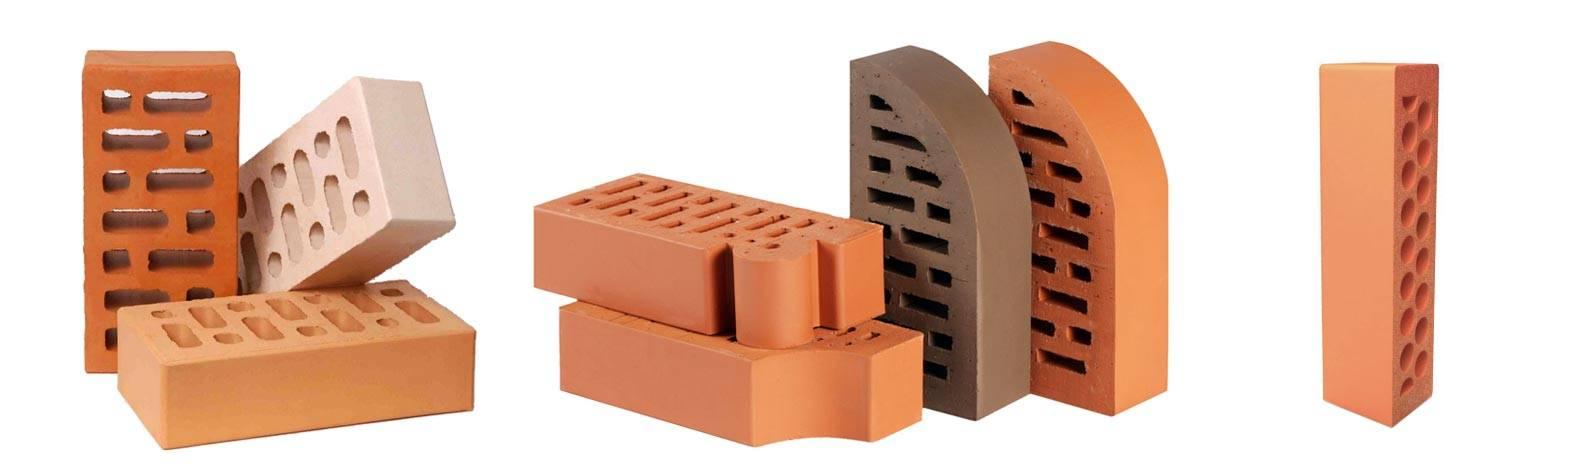 Кирпичная кладка: снип, требования к материалам и контроль качества